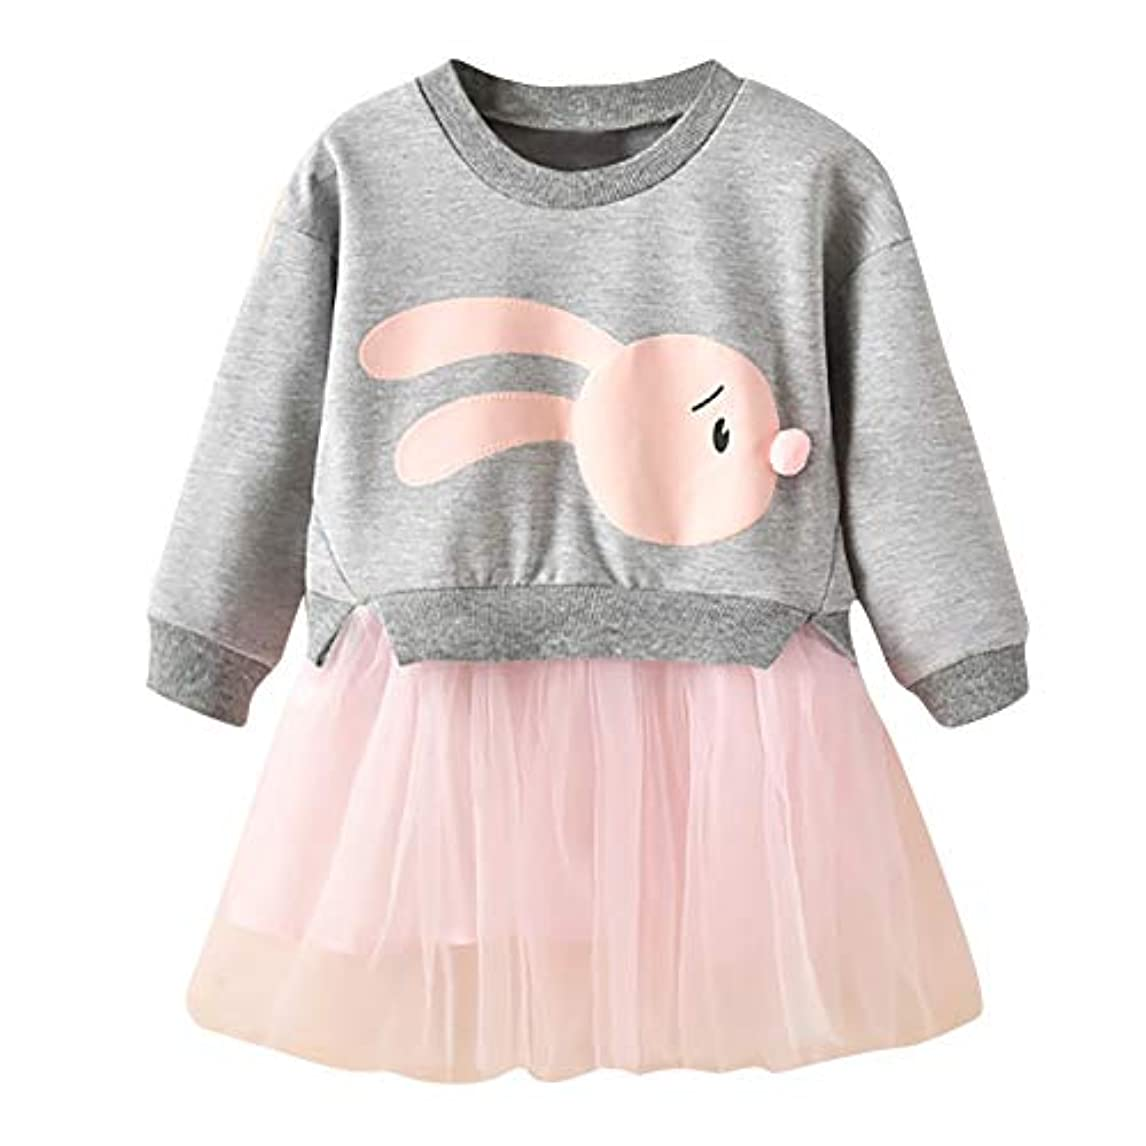 生きている超音速リフトMaxcrestas - 冬の子供服の女の赤ちゃんの漫画のバニープリンセスパッチワークトレーナーチュールドレス服roupaのinfantil